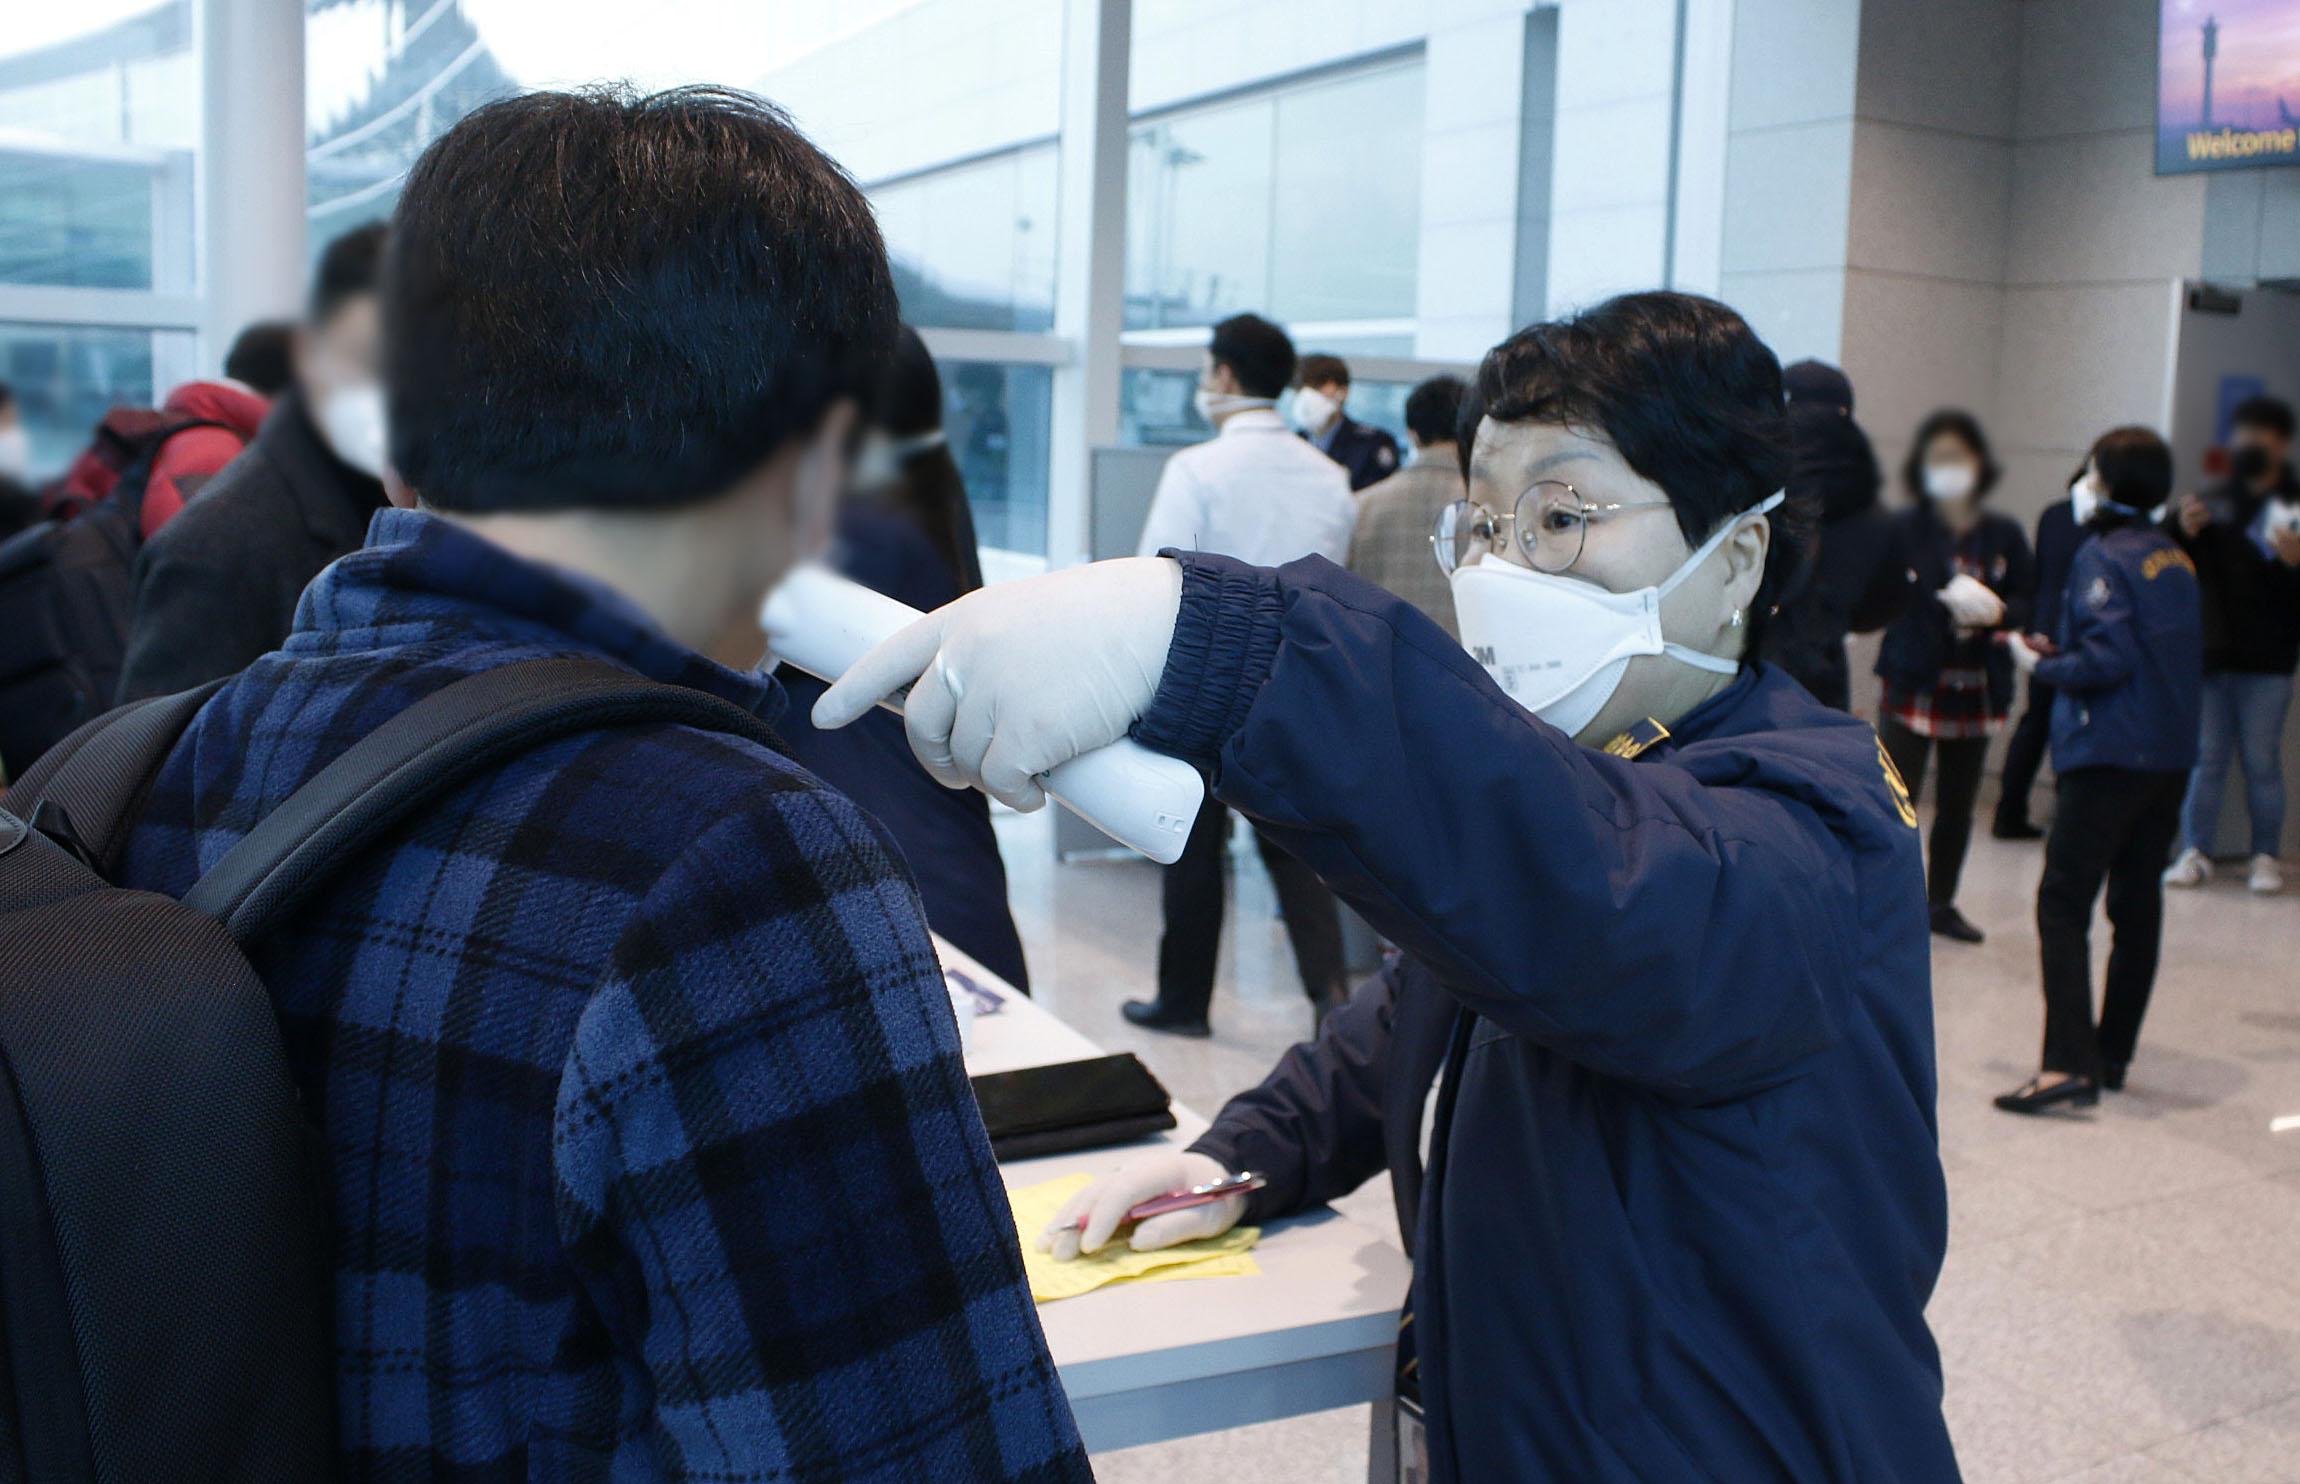 coronavirus updates in south korea